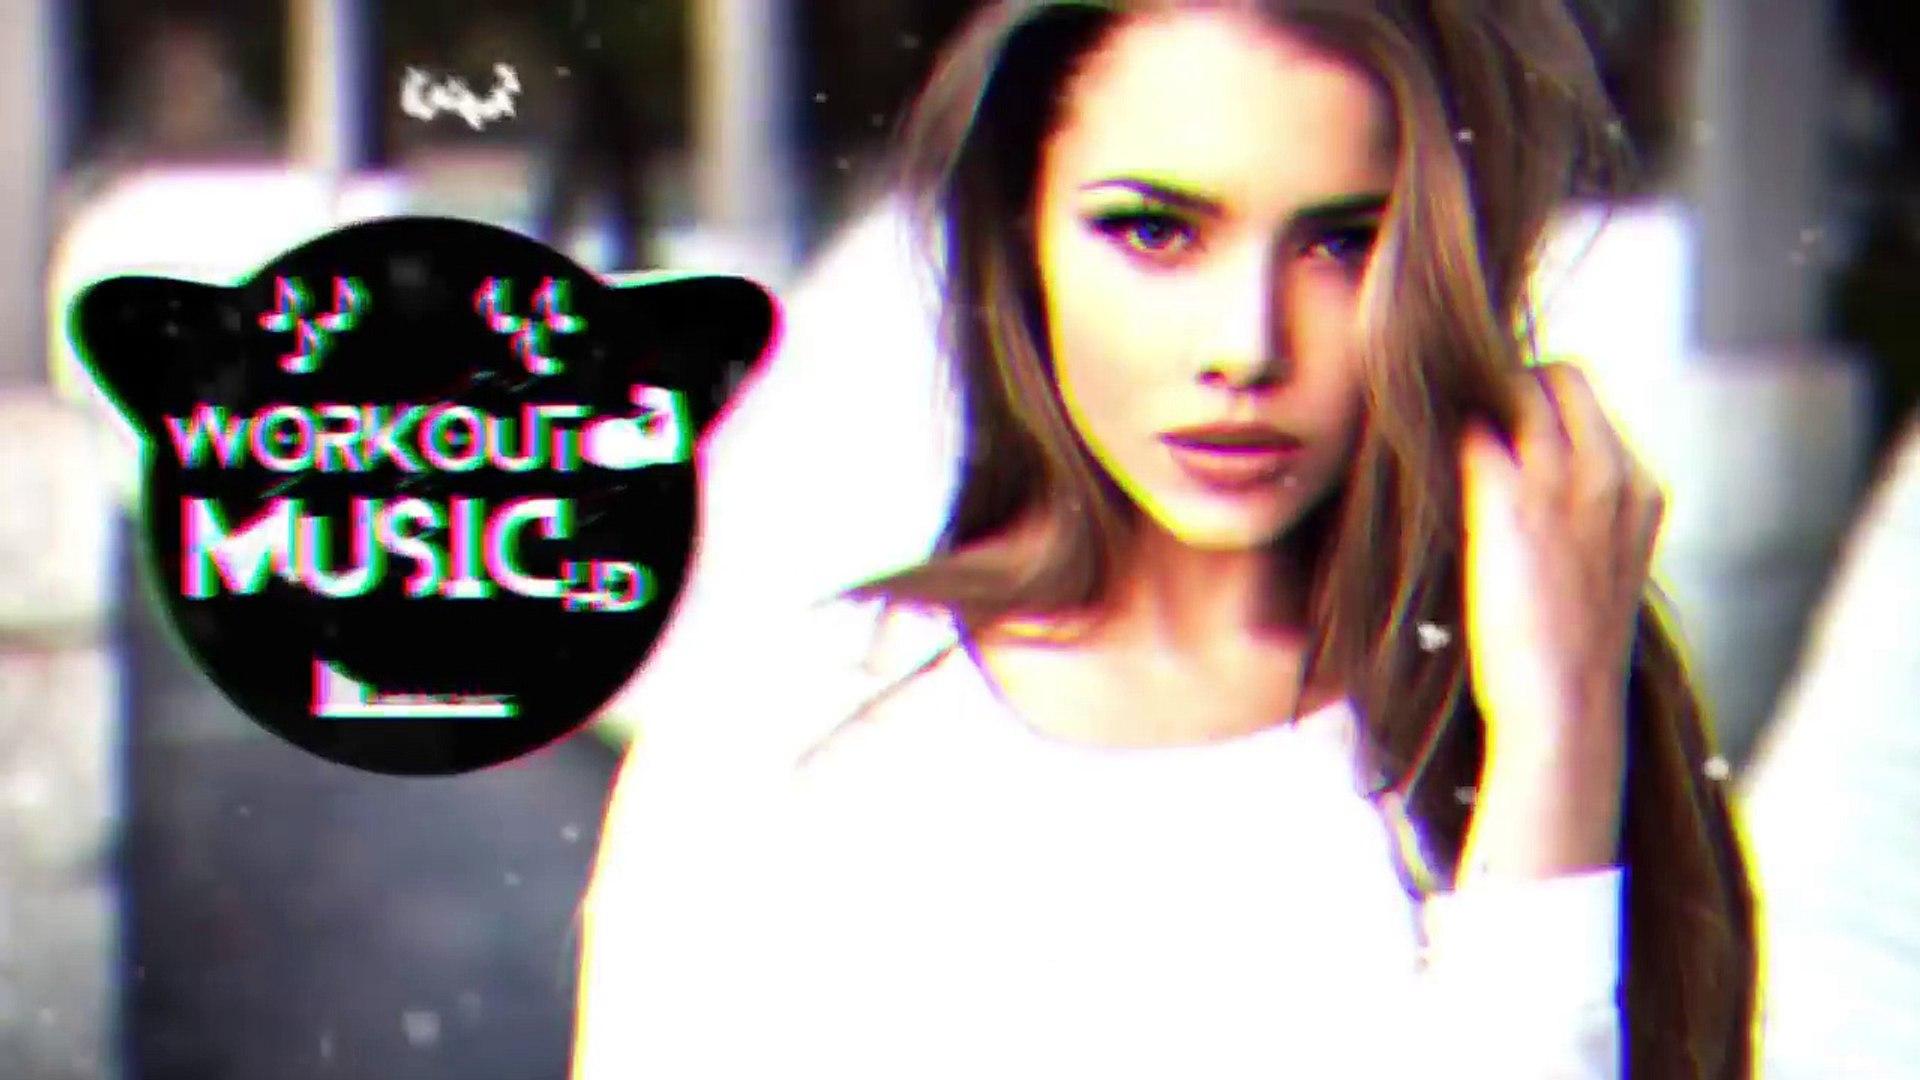 تحميل اغاني كلاسيكية اجنبية mp3